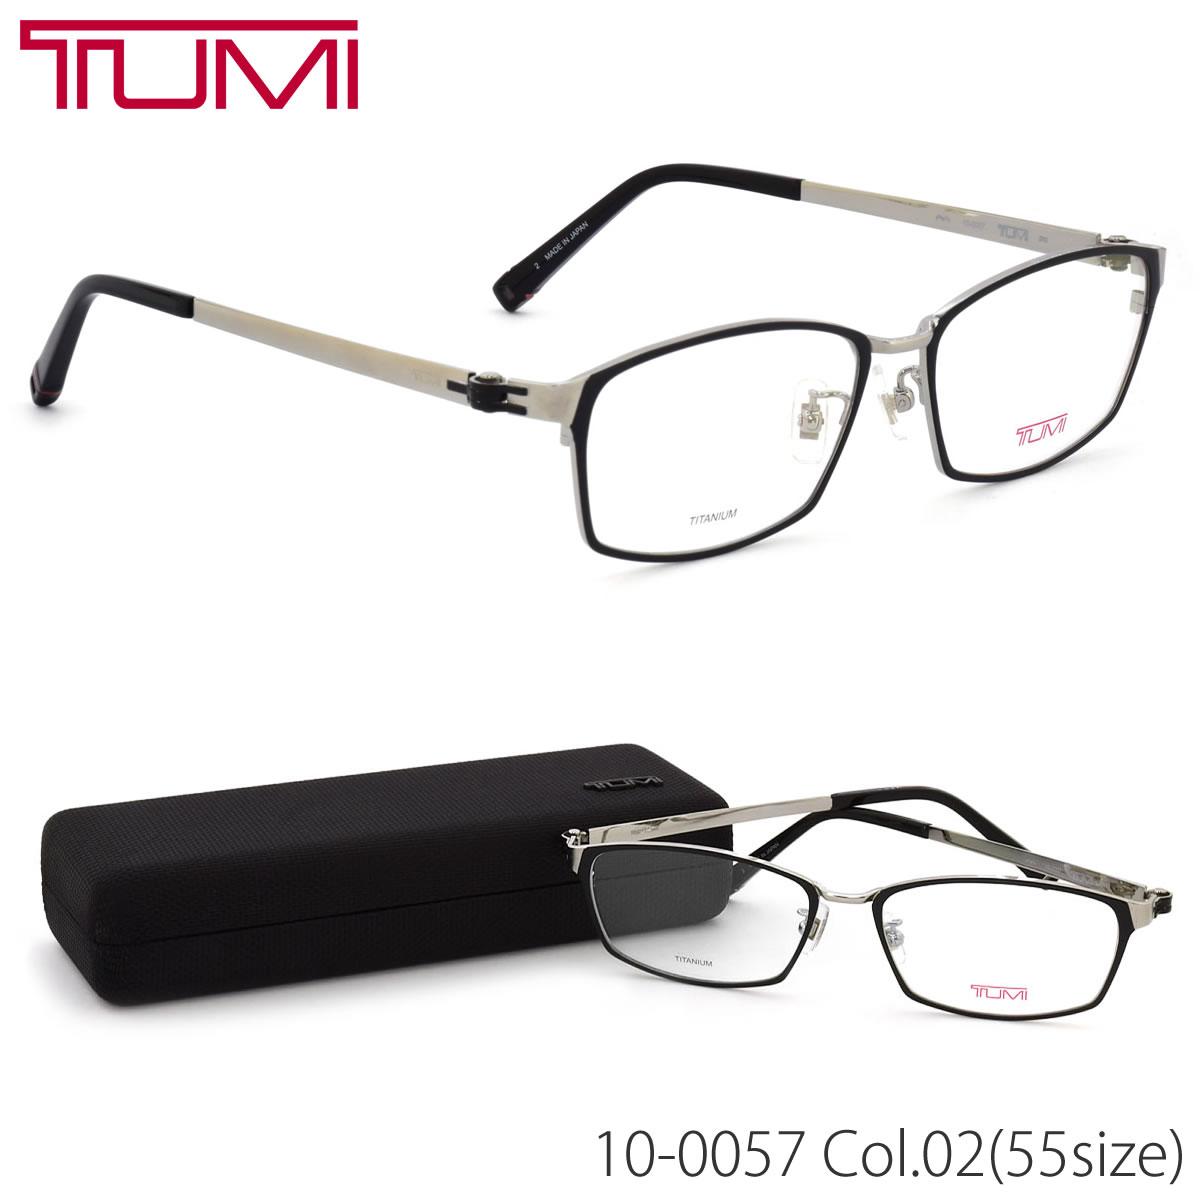 トゥミ TUMI メガネ10-0057 02 55サイズスクエア チタニウム チタン 軽量 シンプル スマート ビジネストゥミ TUMI メンズ レディース